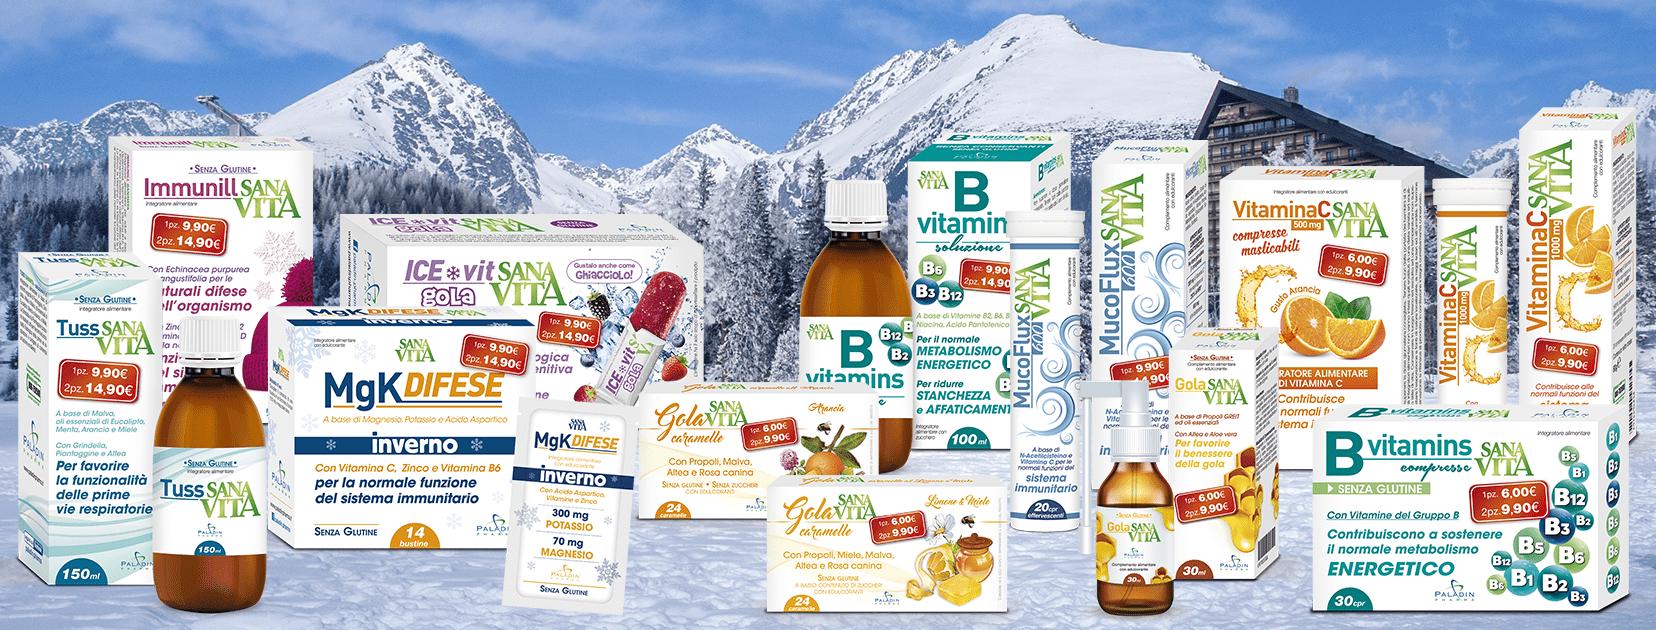 Affronta l'inverno e rafforza il sistema immunitario